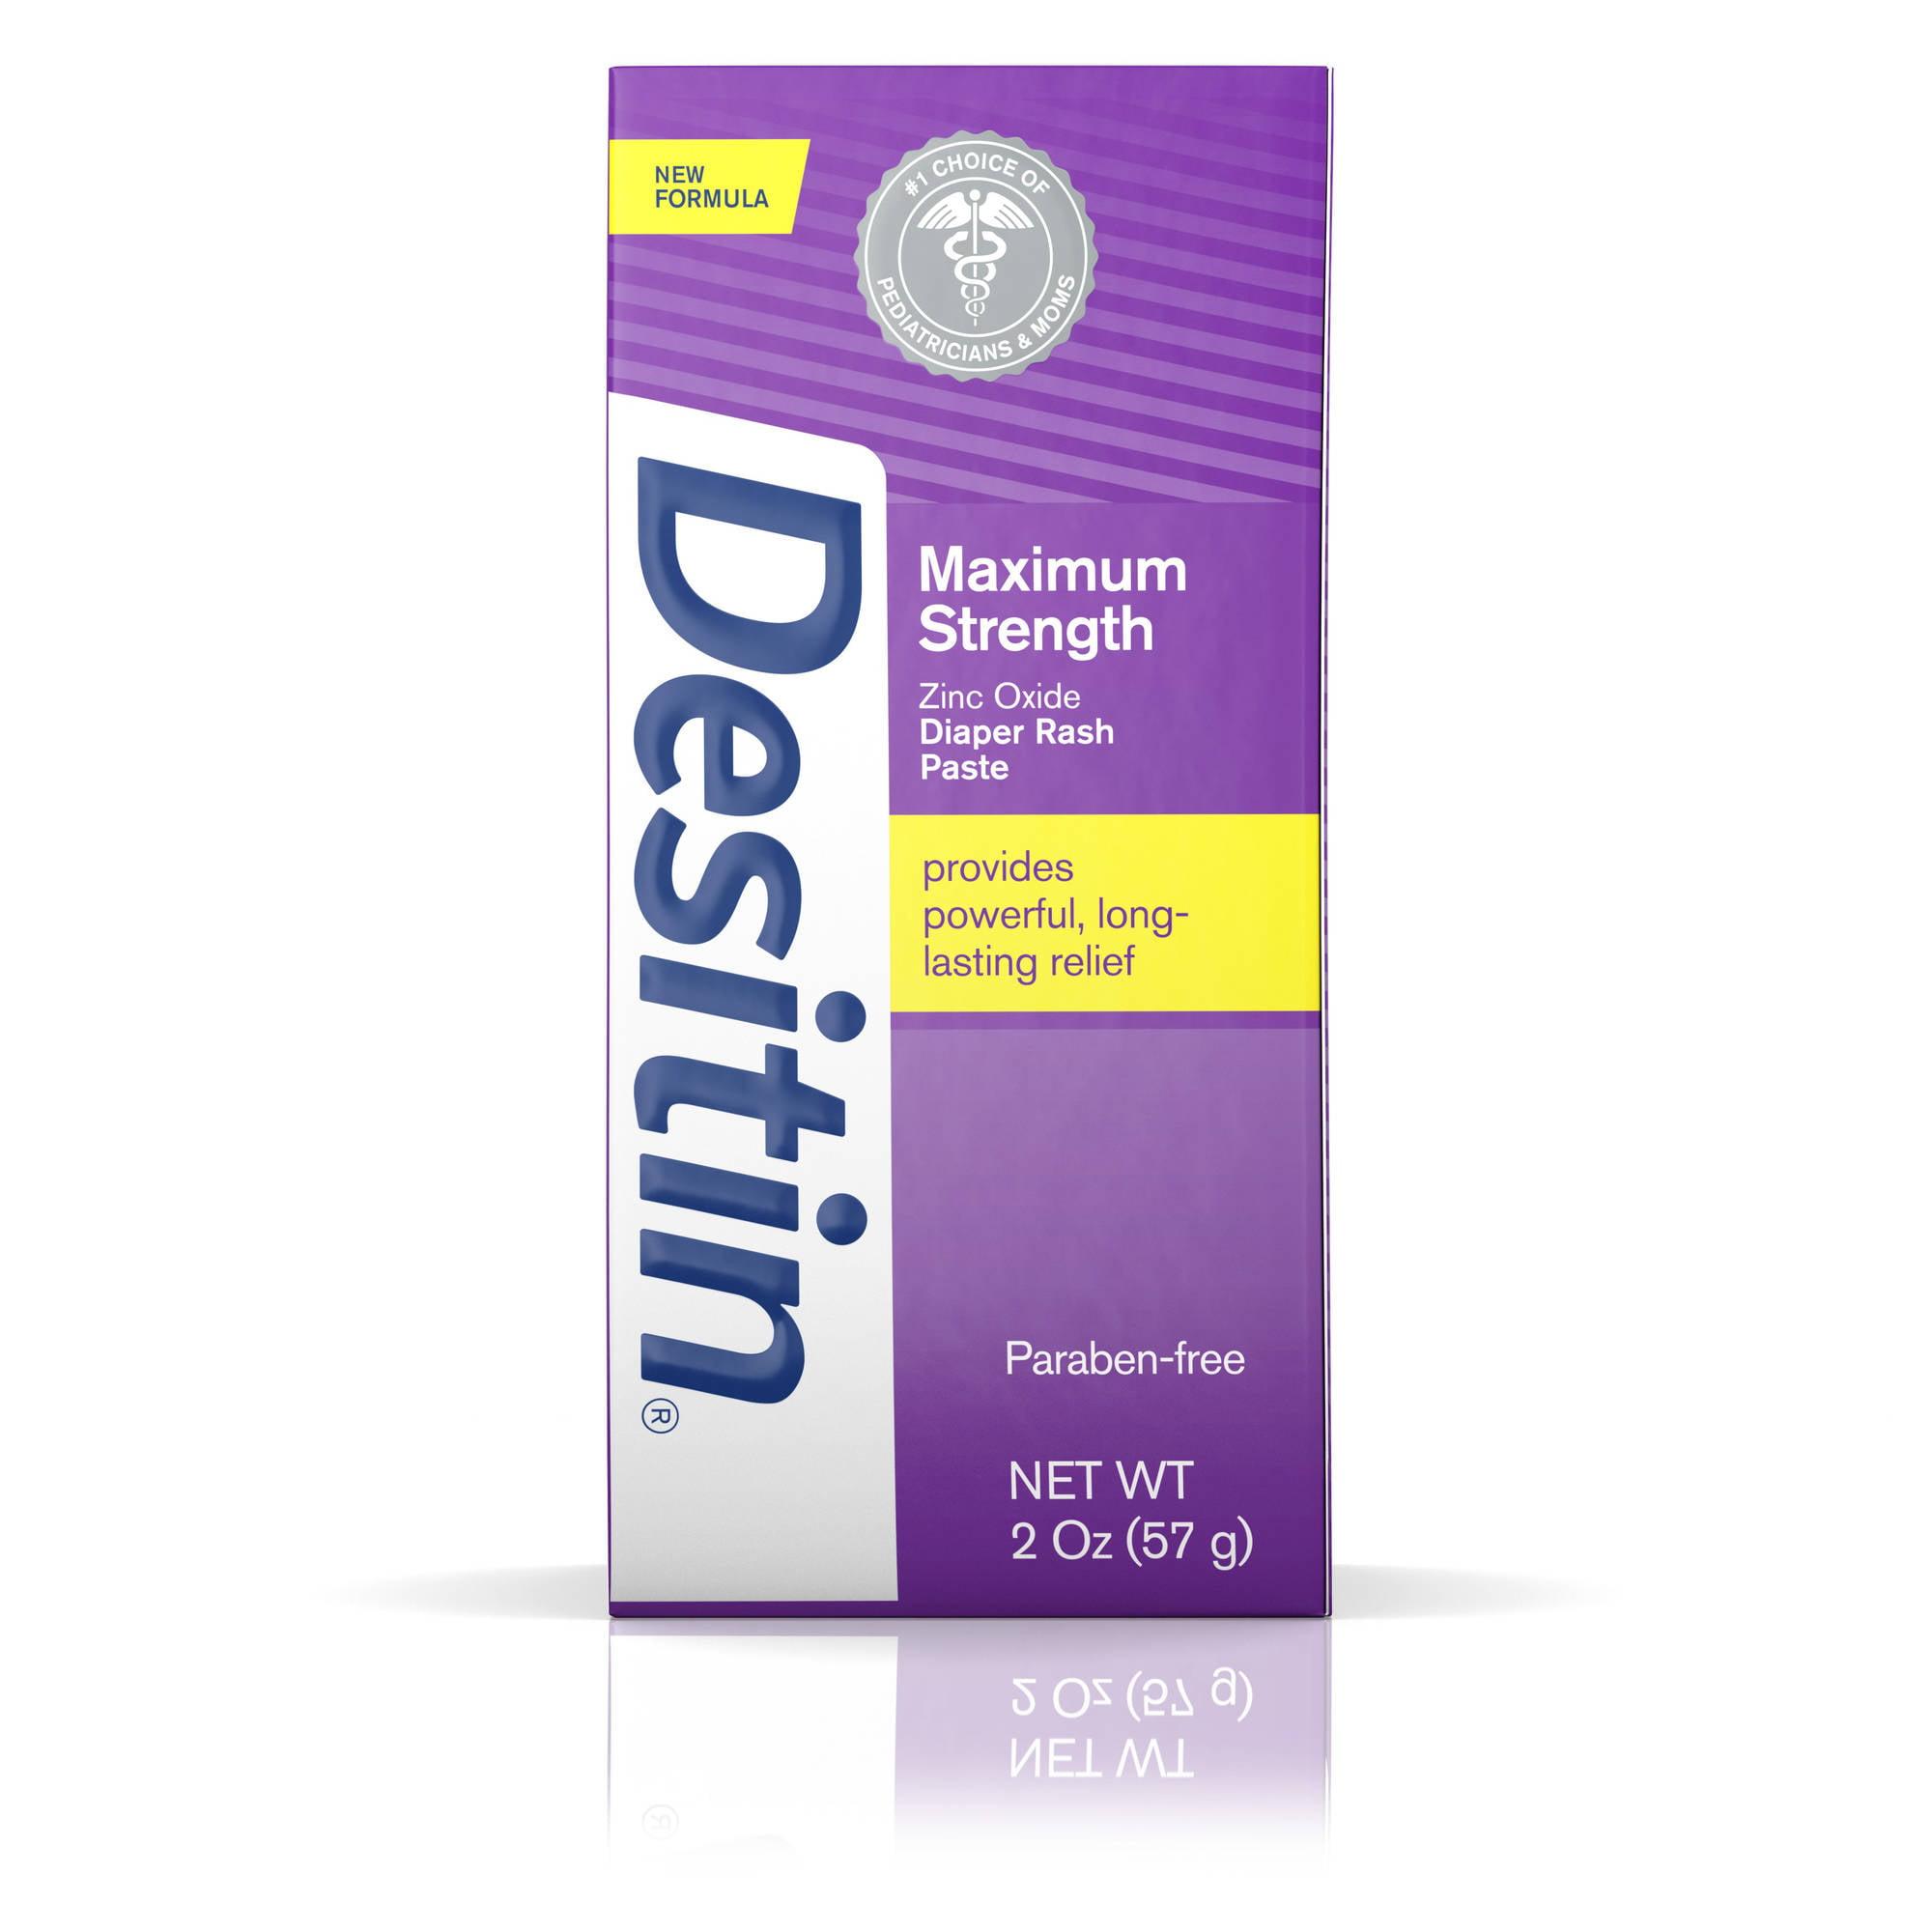 Desitin Maximum Strength Original Paste, 2 Oz